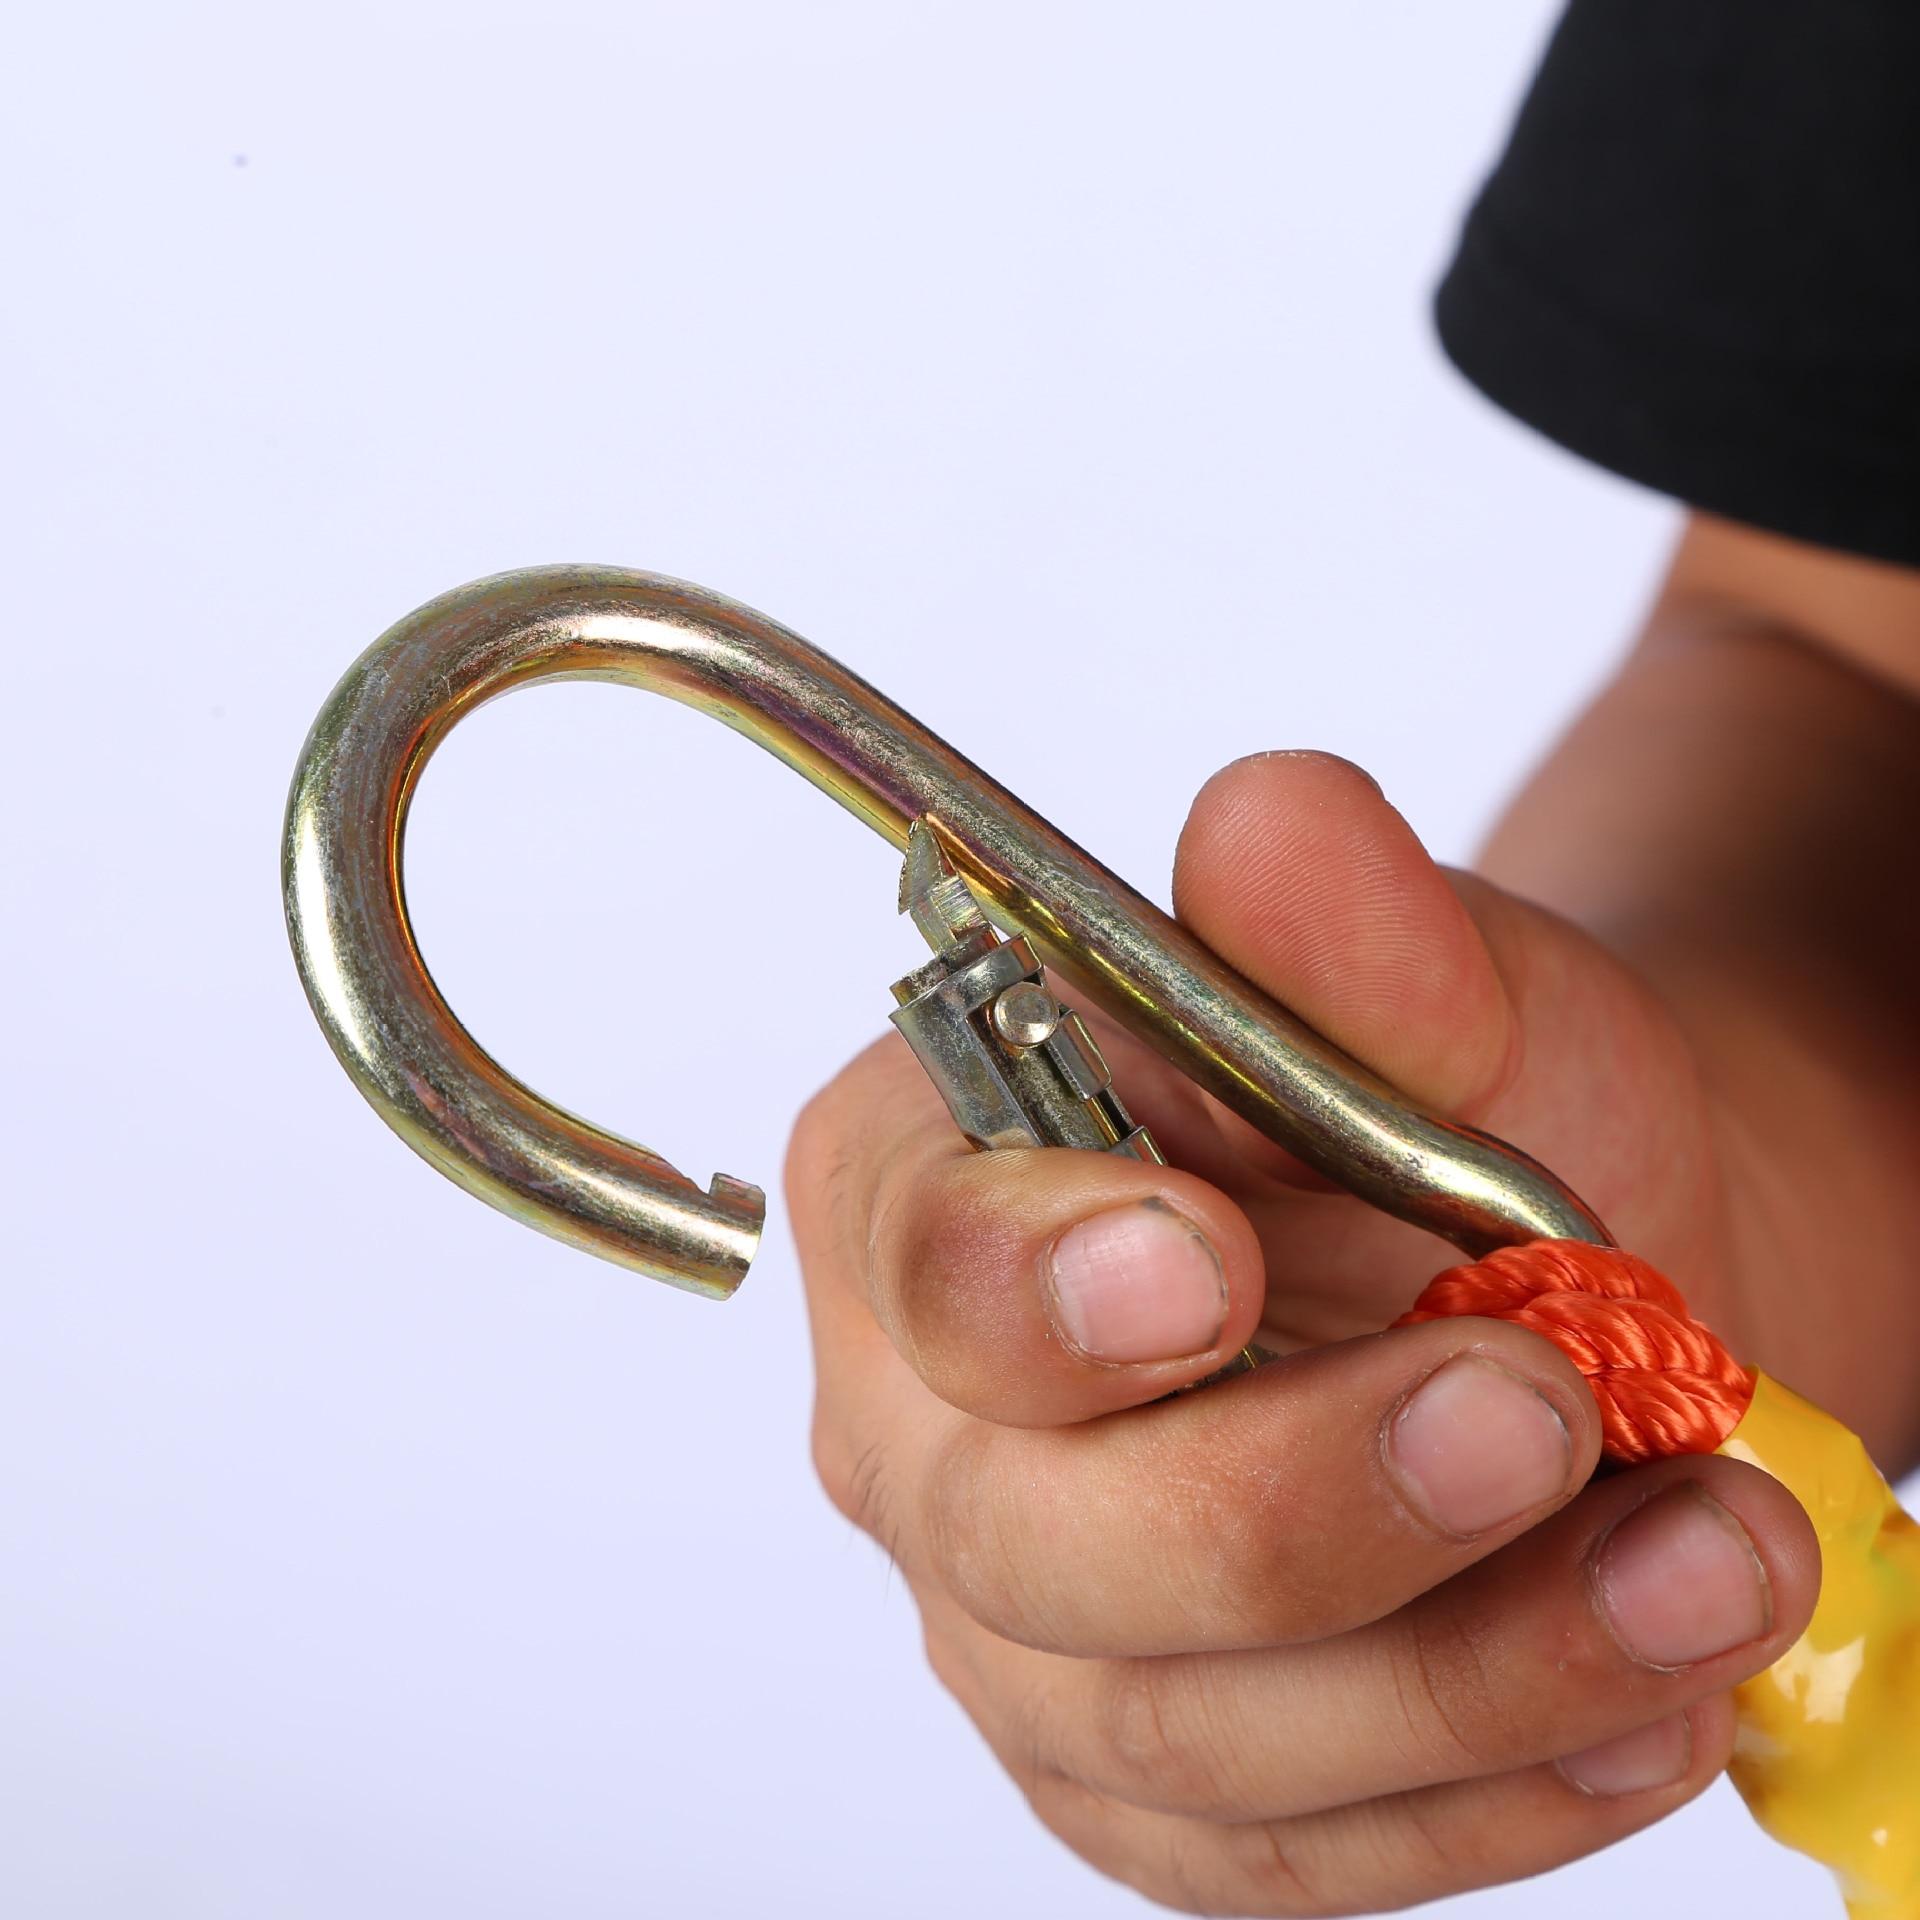 trabalho, cinto de segurança para emagrecimento de